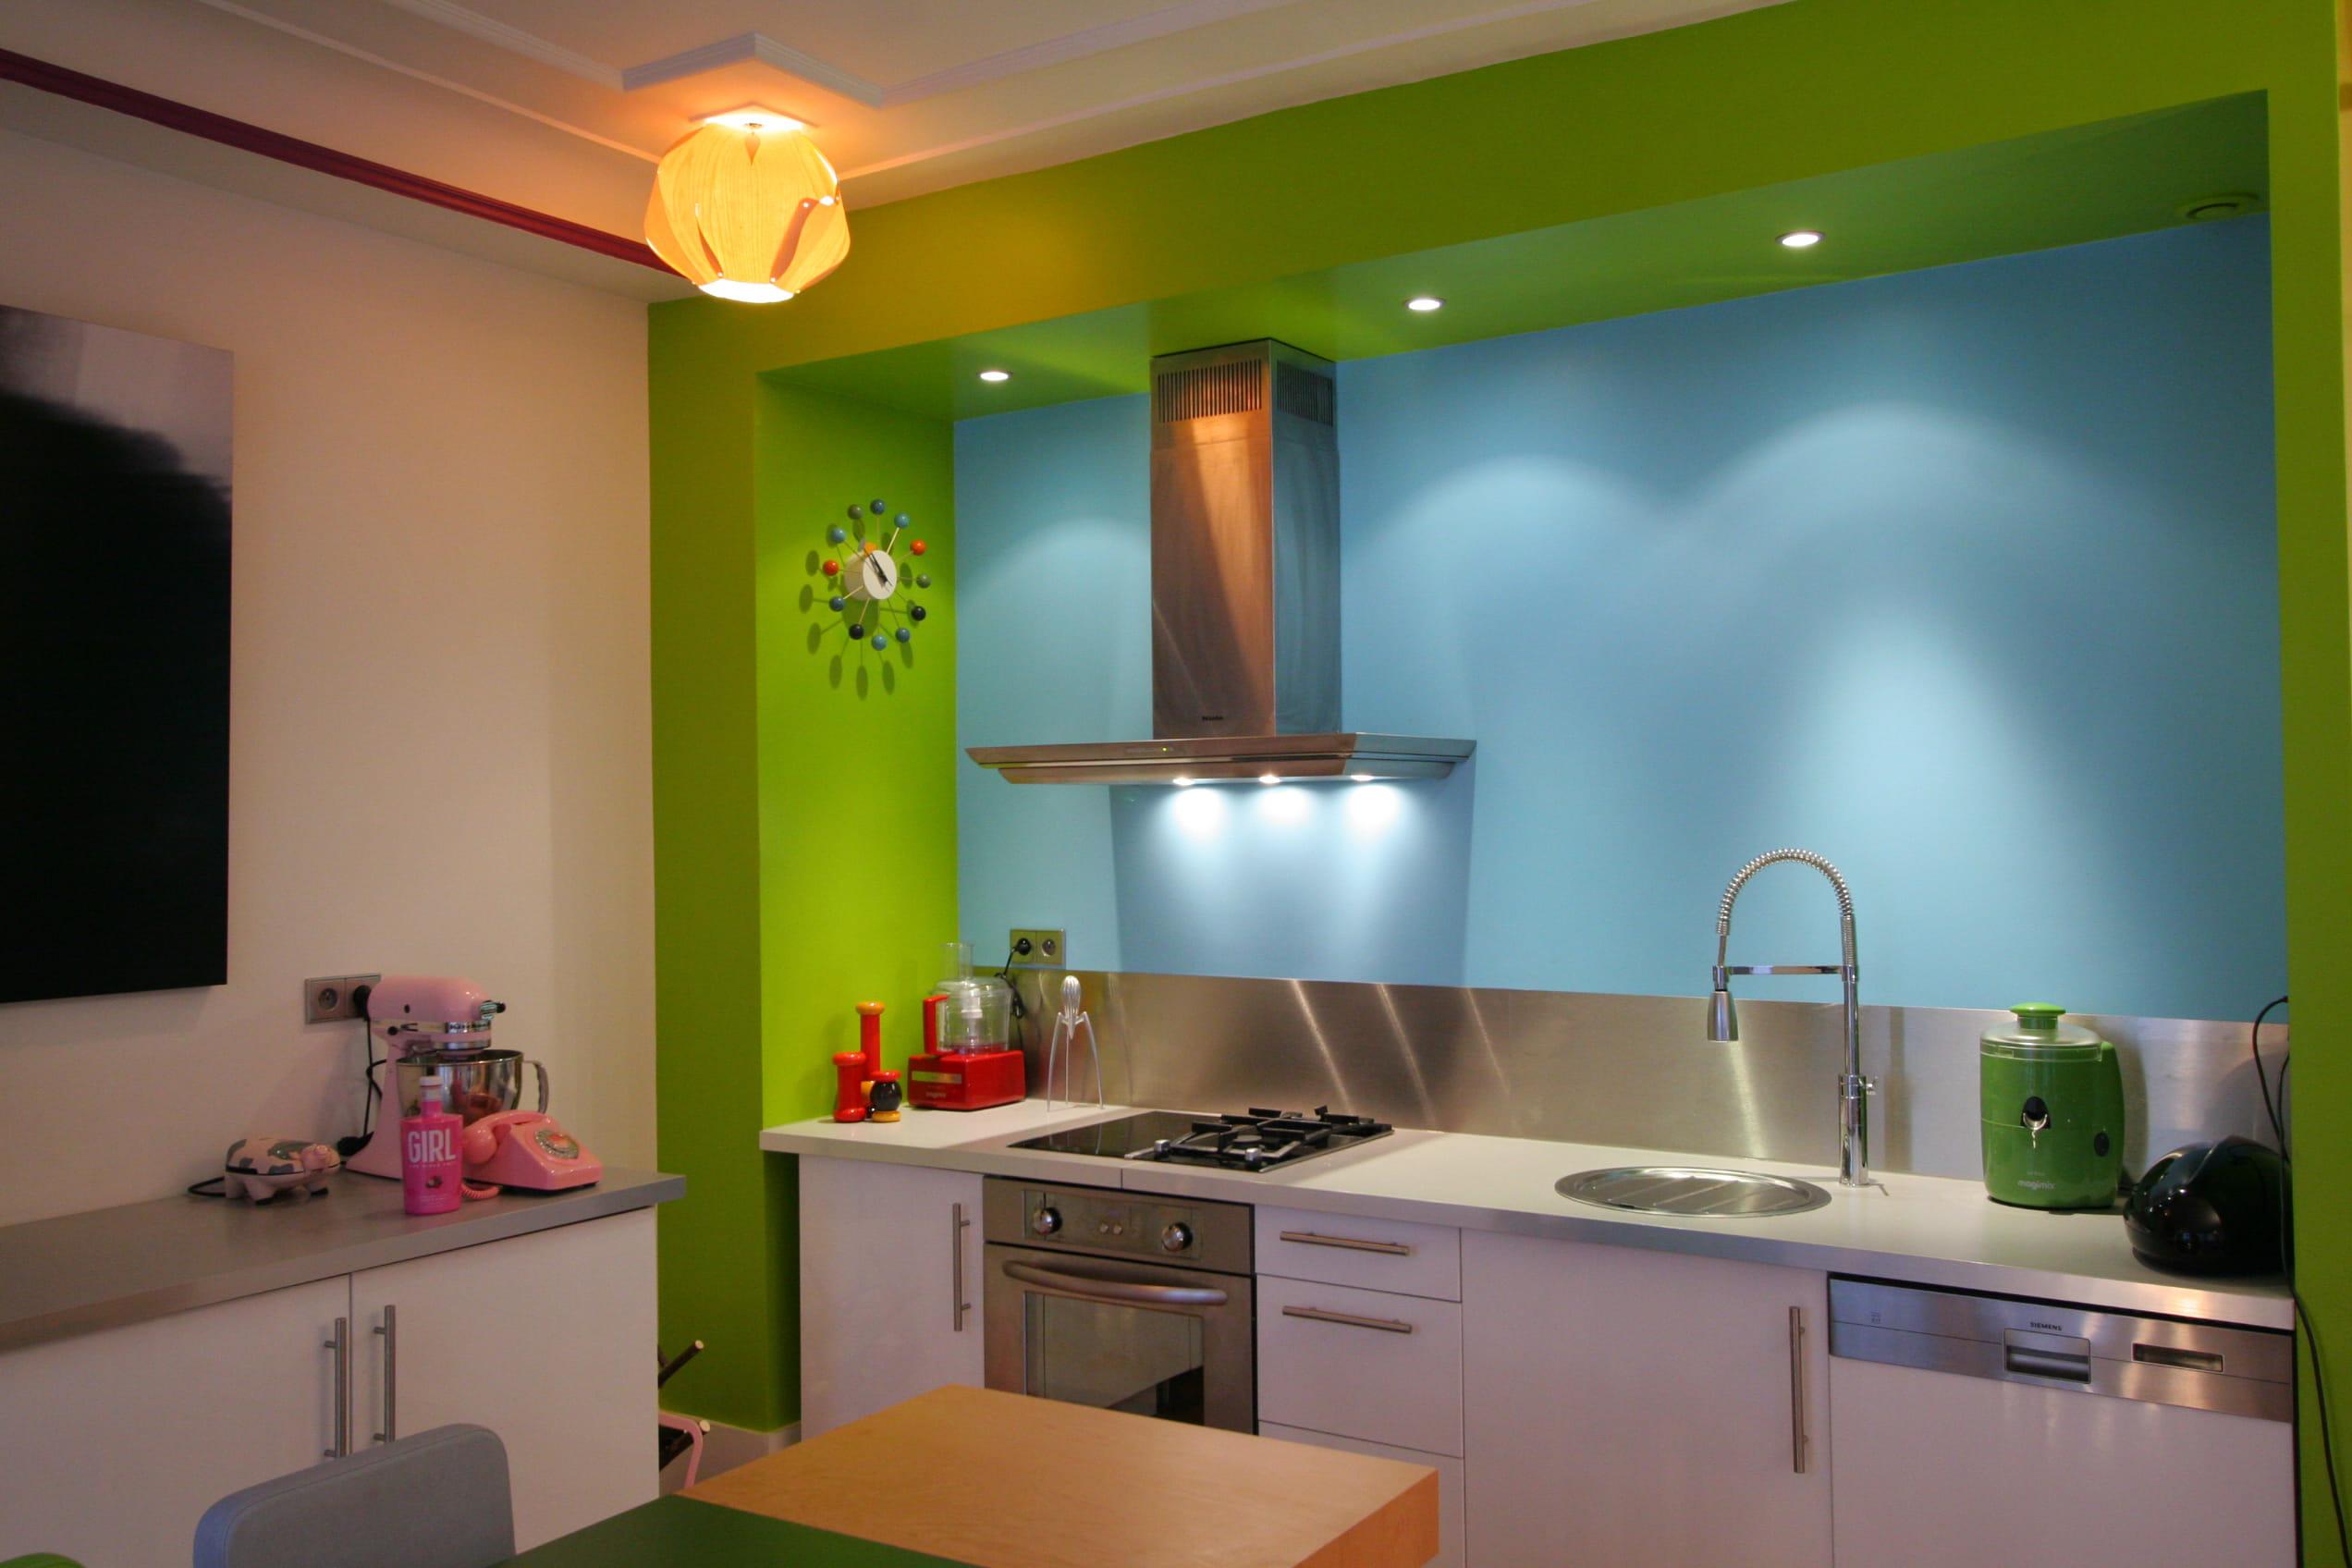 Une cuisine familiale cuisine bleue et si on d corait for Cuisine familiale